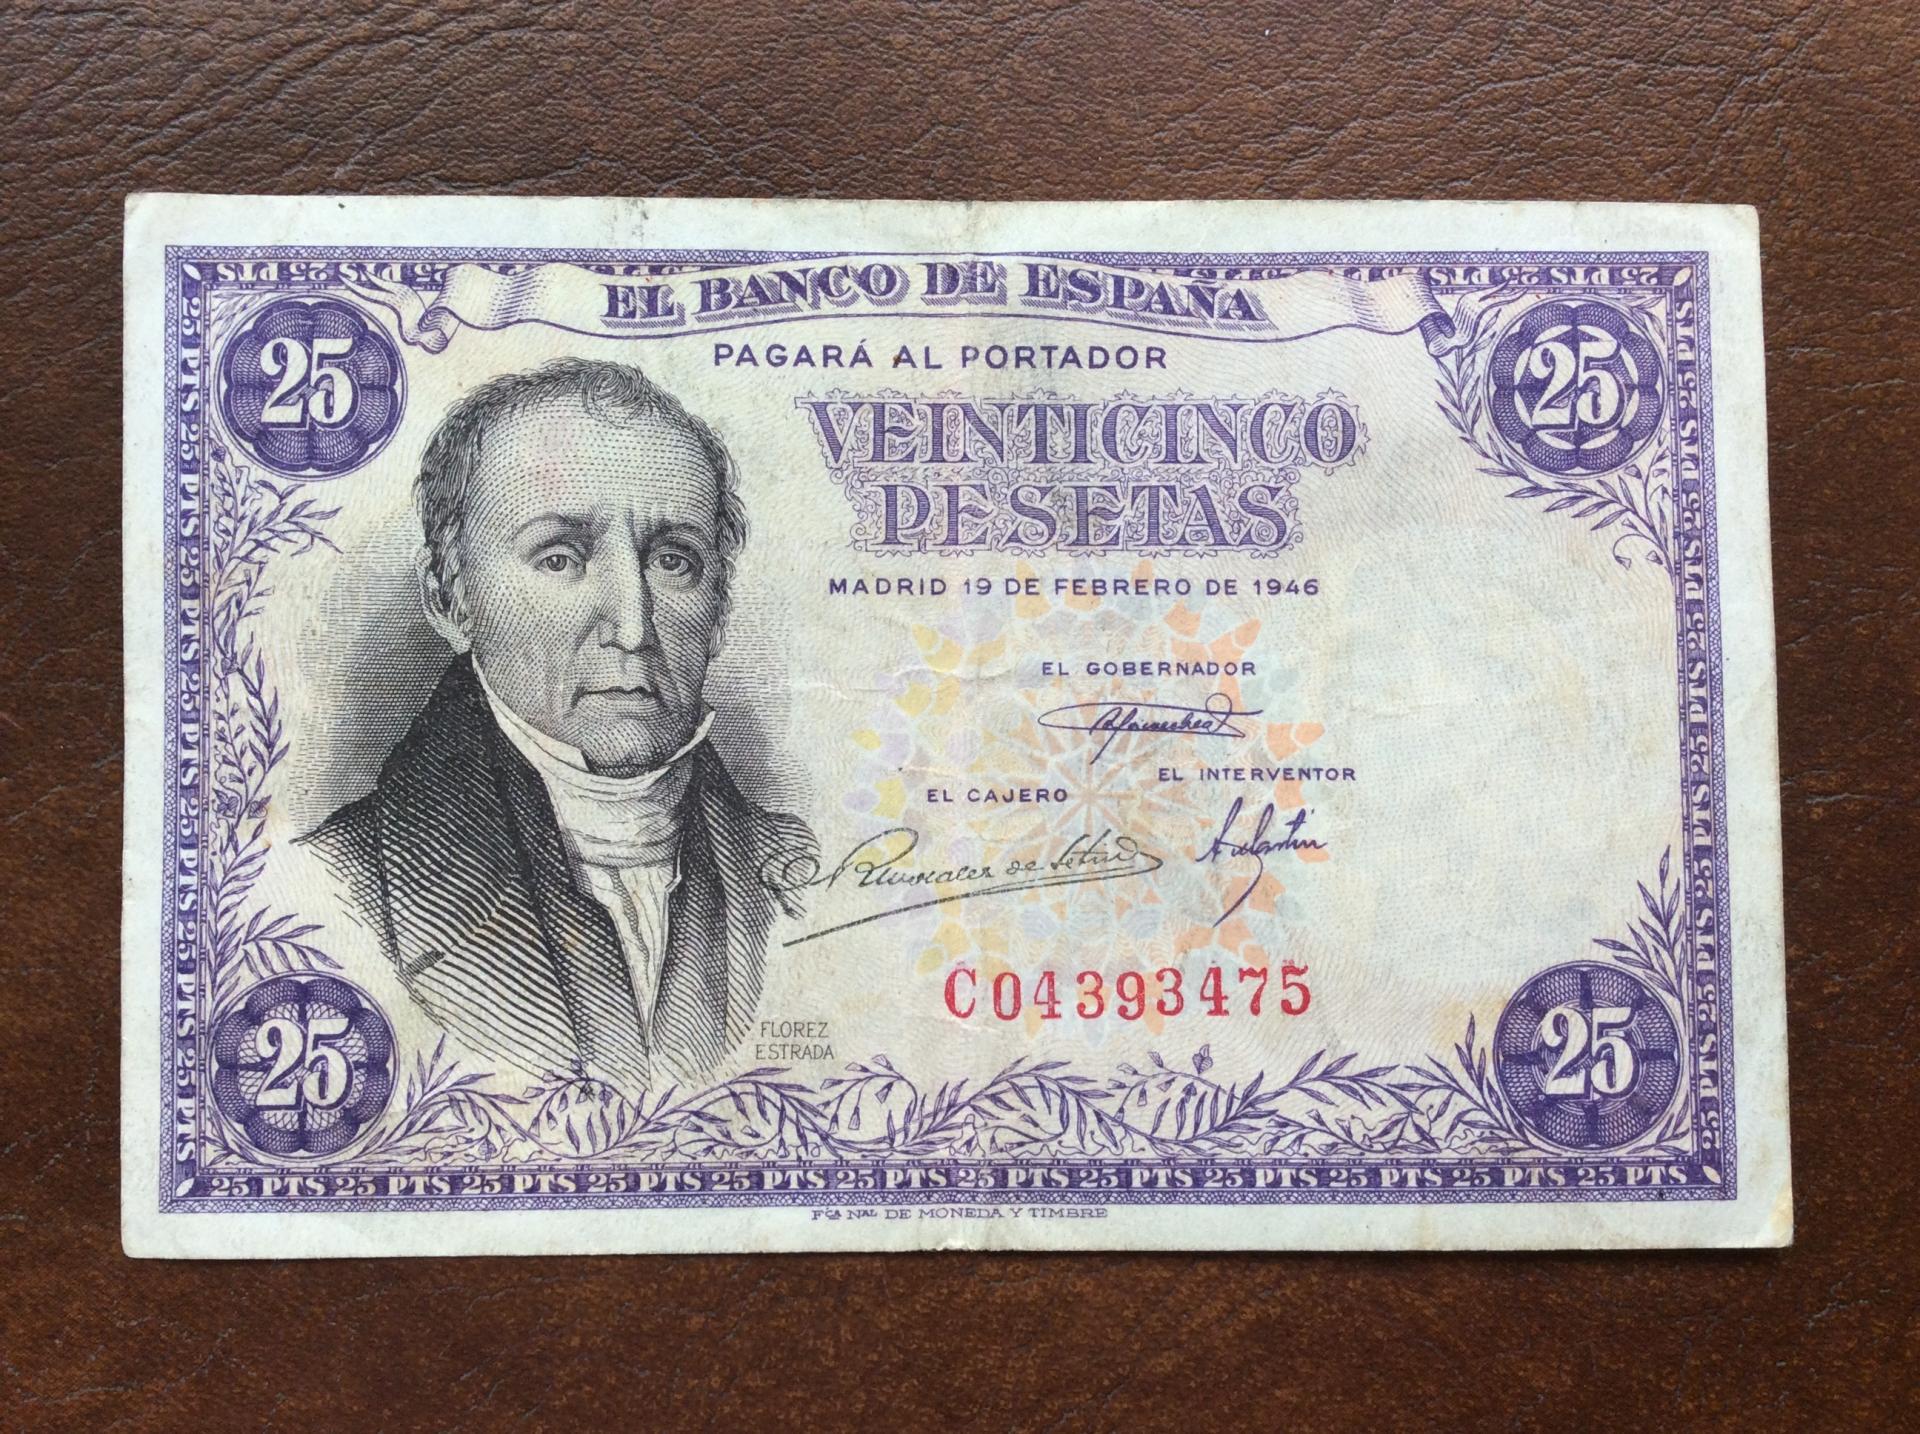 25 PESETAS 1946 - ESTADO ESPAÑOL